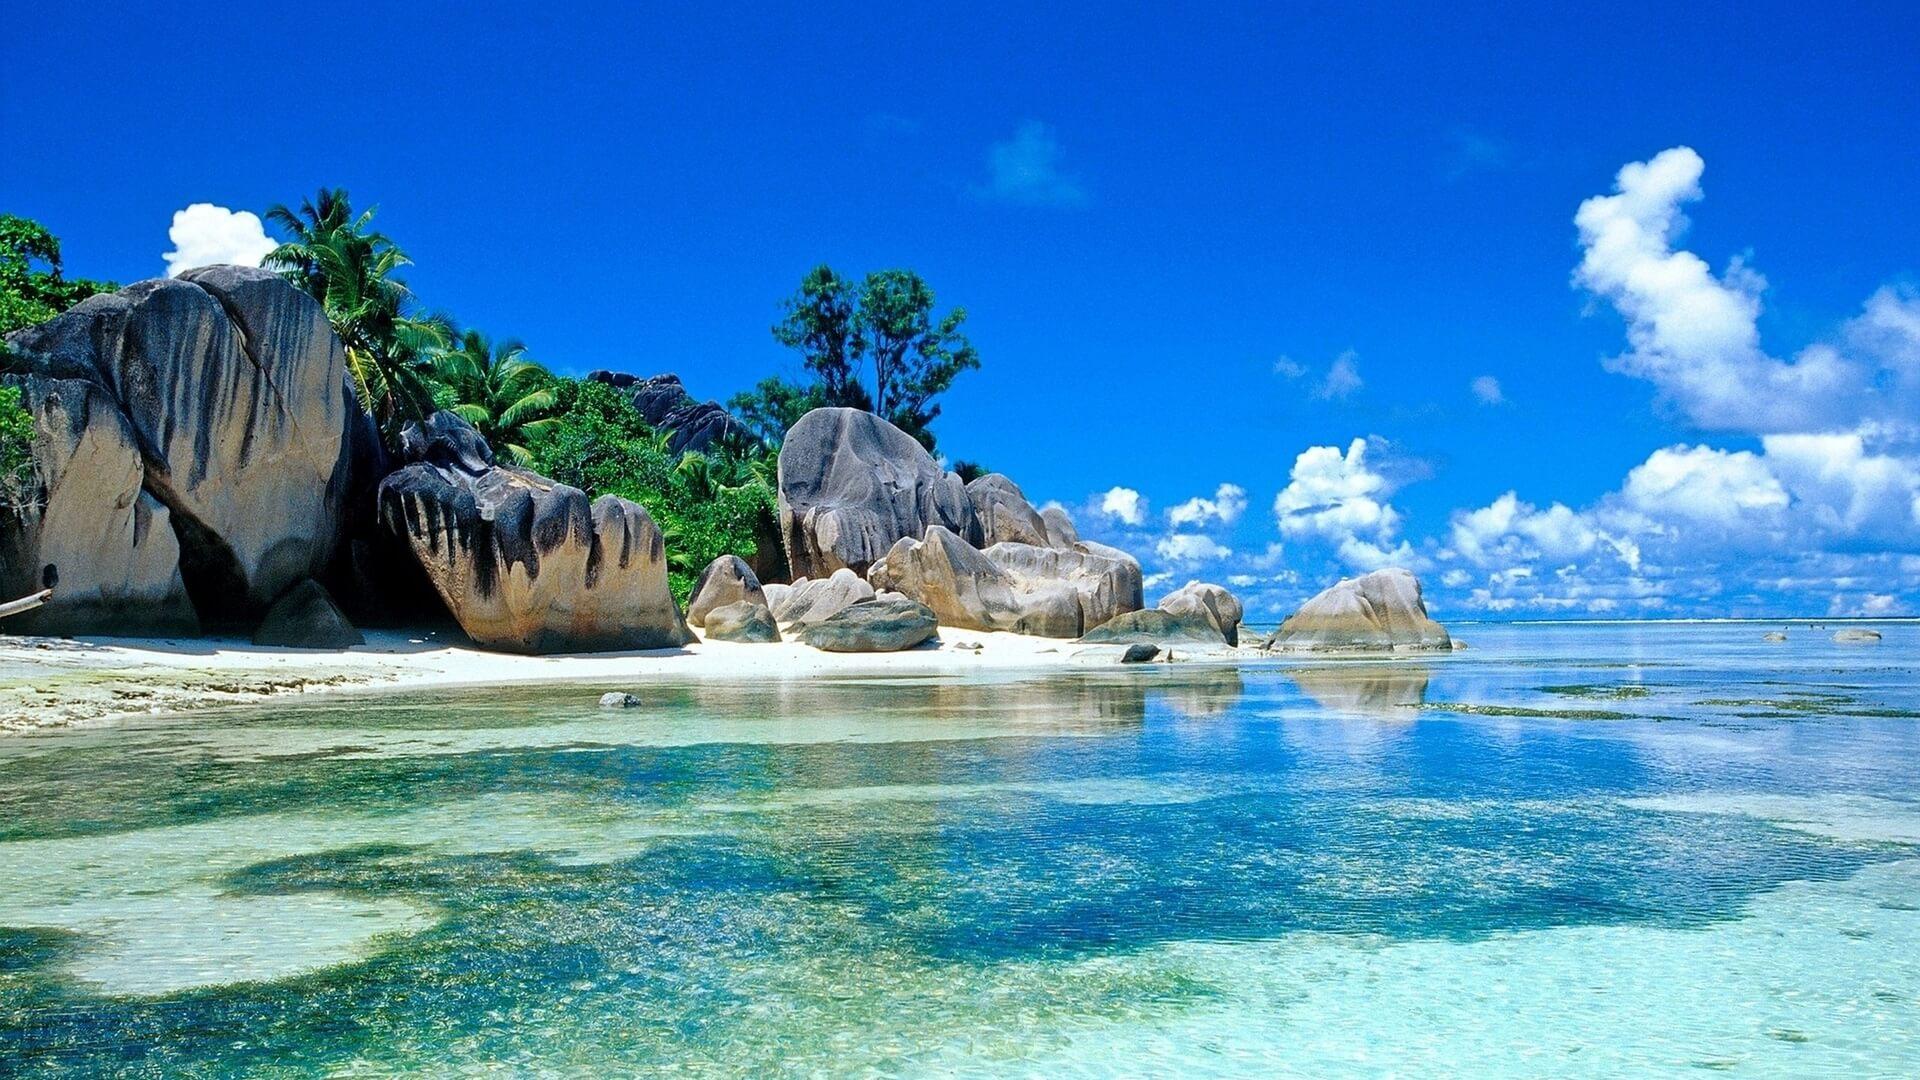 Красивые картинки пляжа для рабочего стола - подборка 15